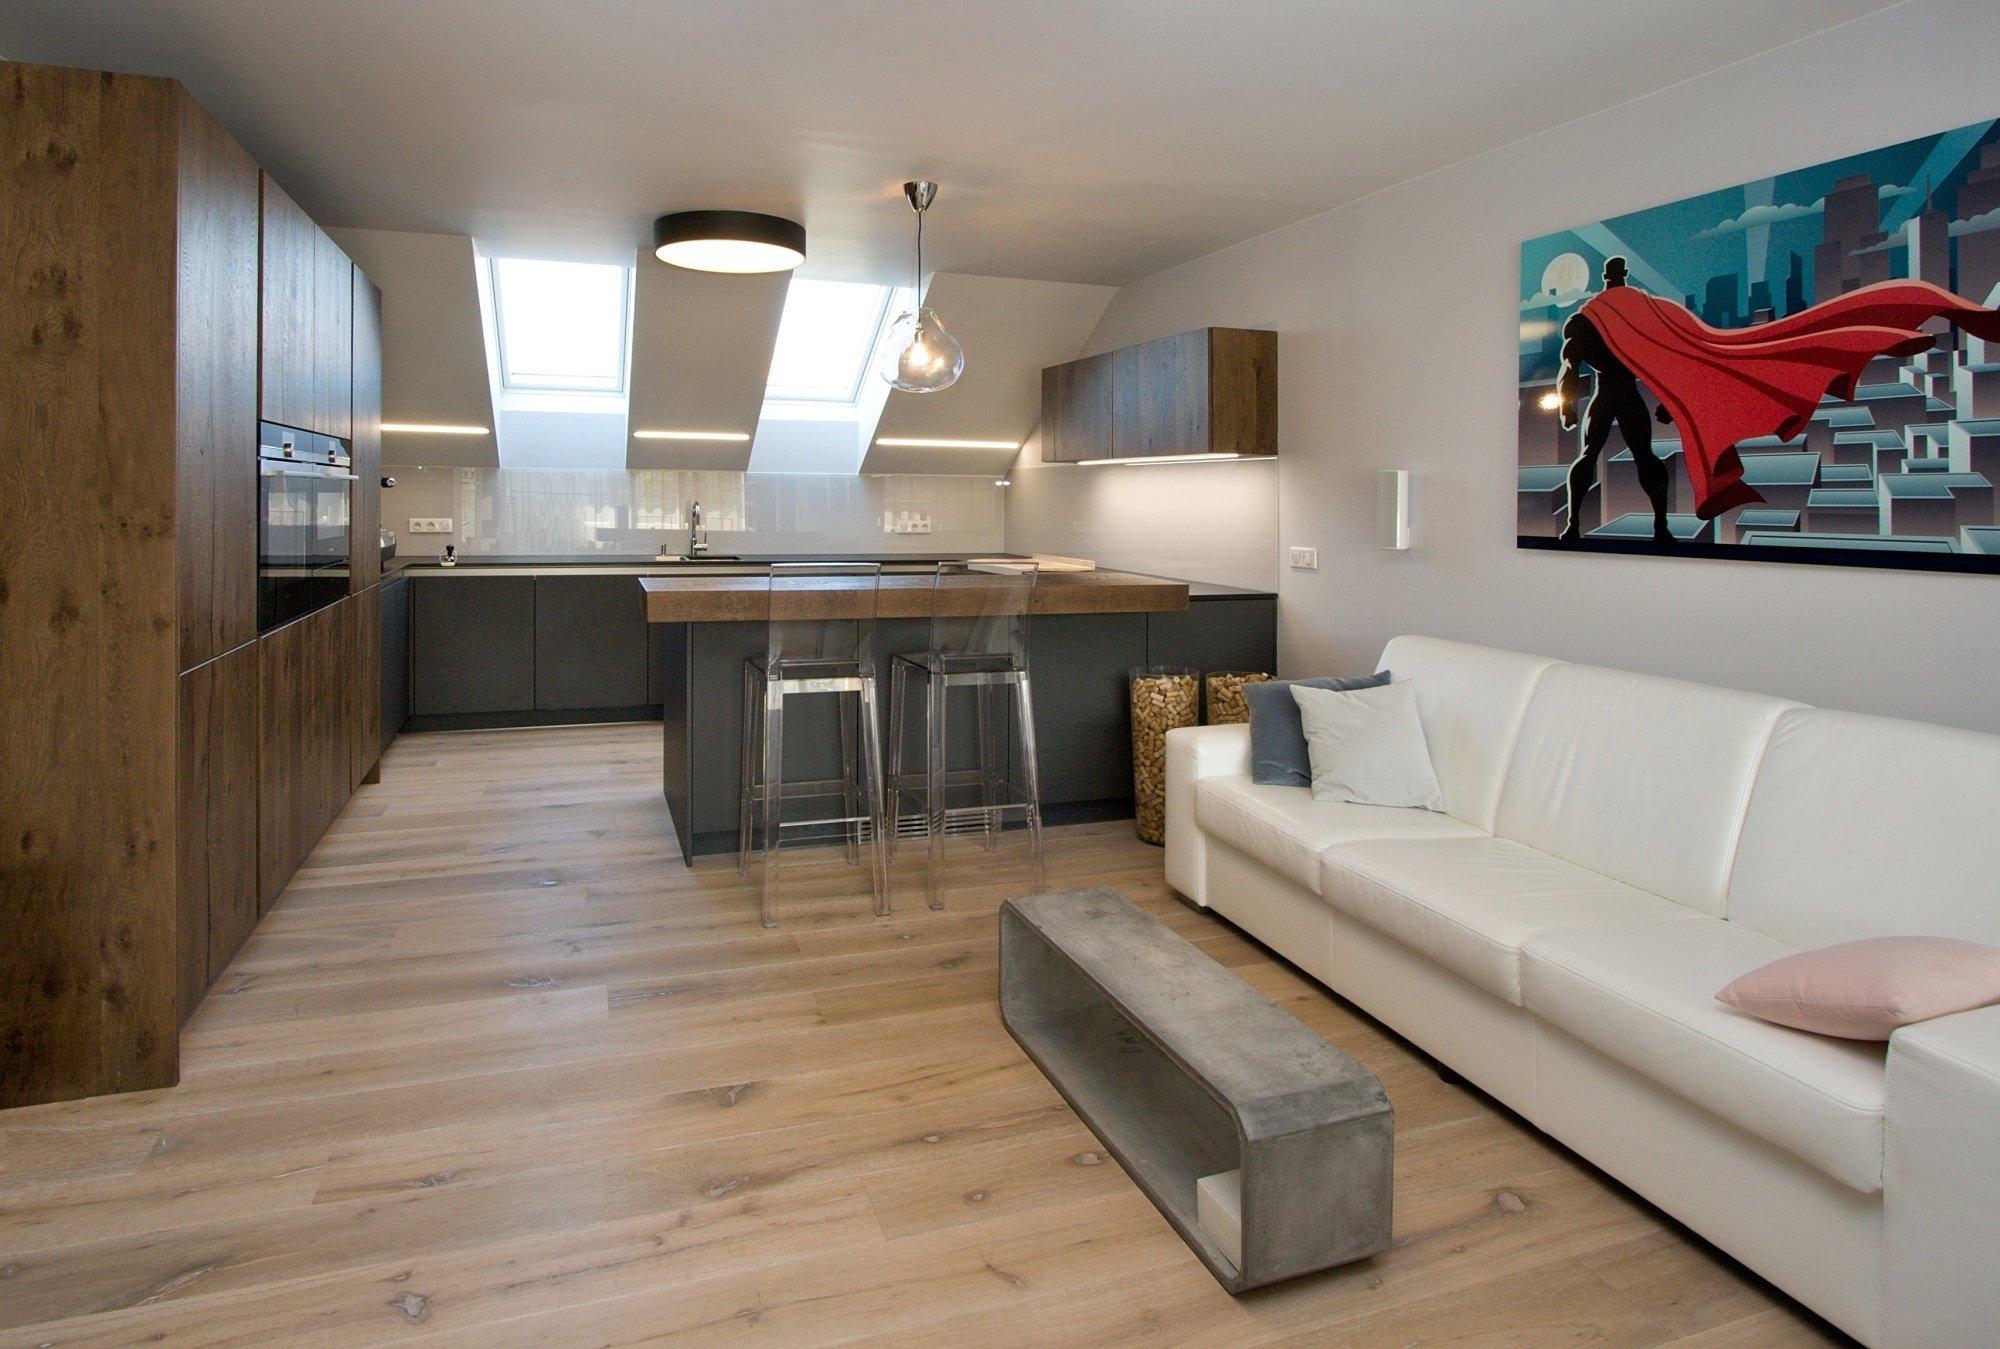 Kuchyň BEECK KÜCHEN a realizace interiéru bytu. Provedení kuchyně: vysoké a horní skříně dýha dub drásaný Finess Risseiche A6550 H121 Tabak, spodní skříně…